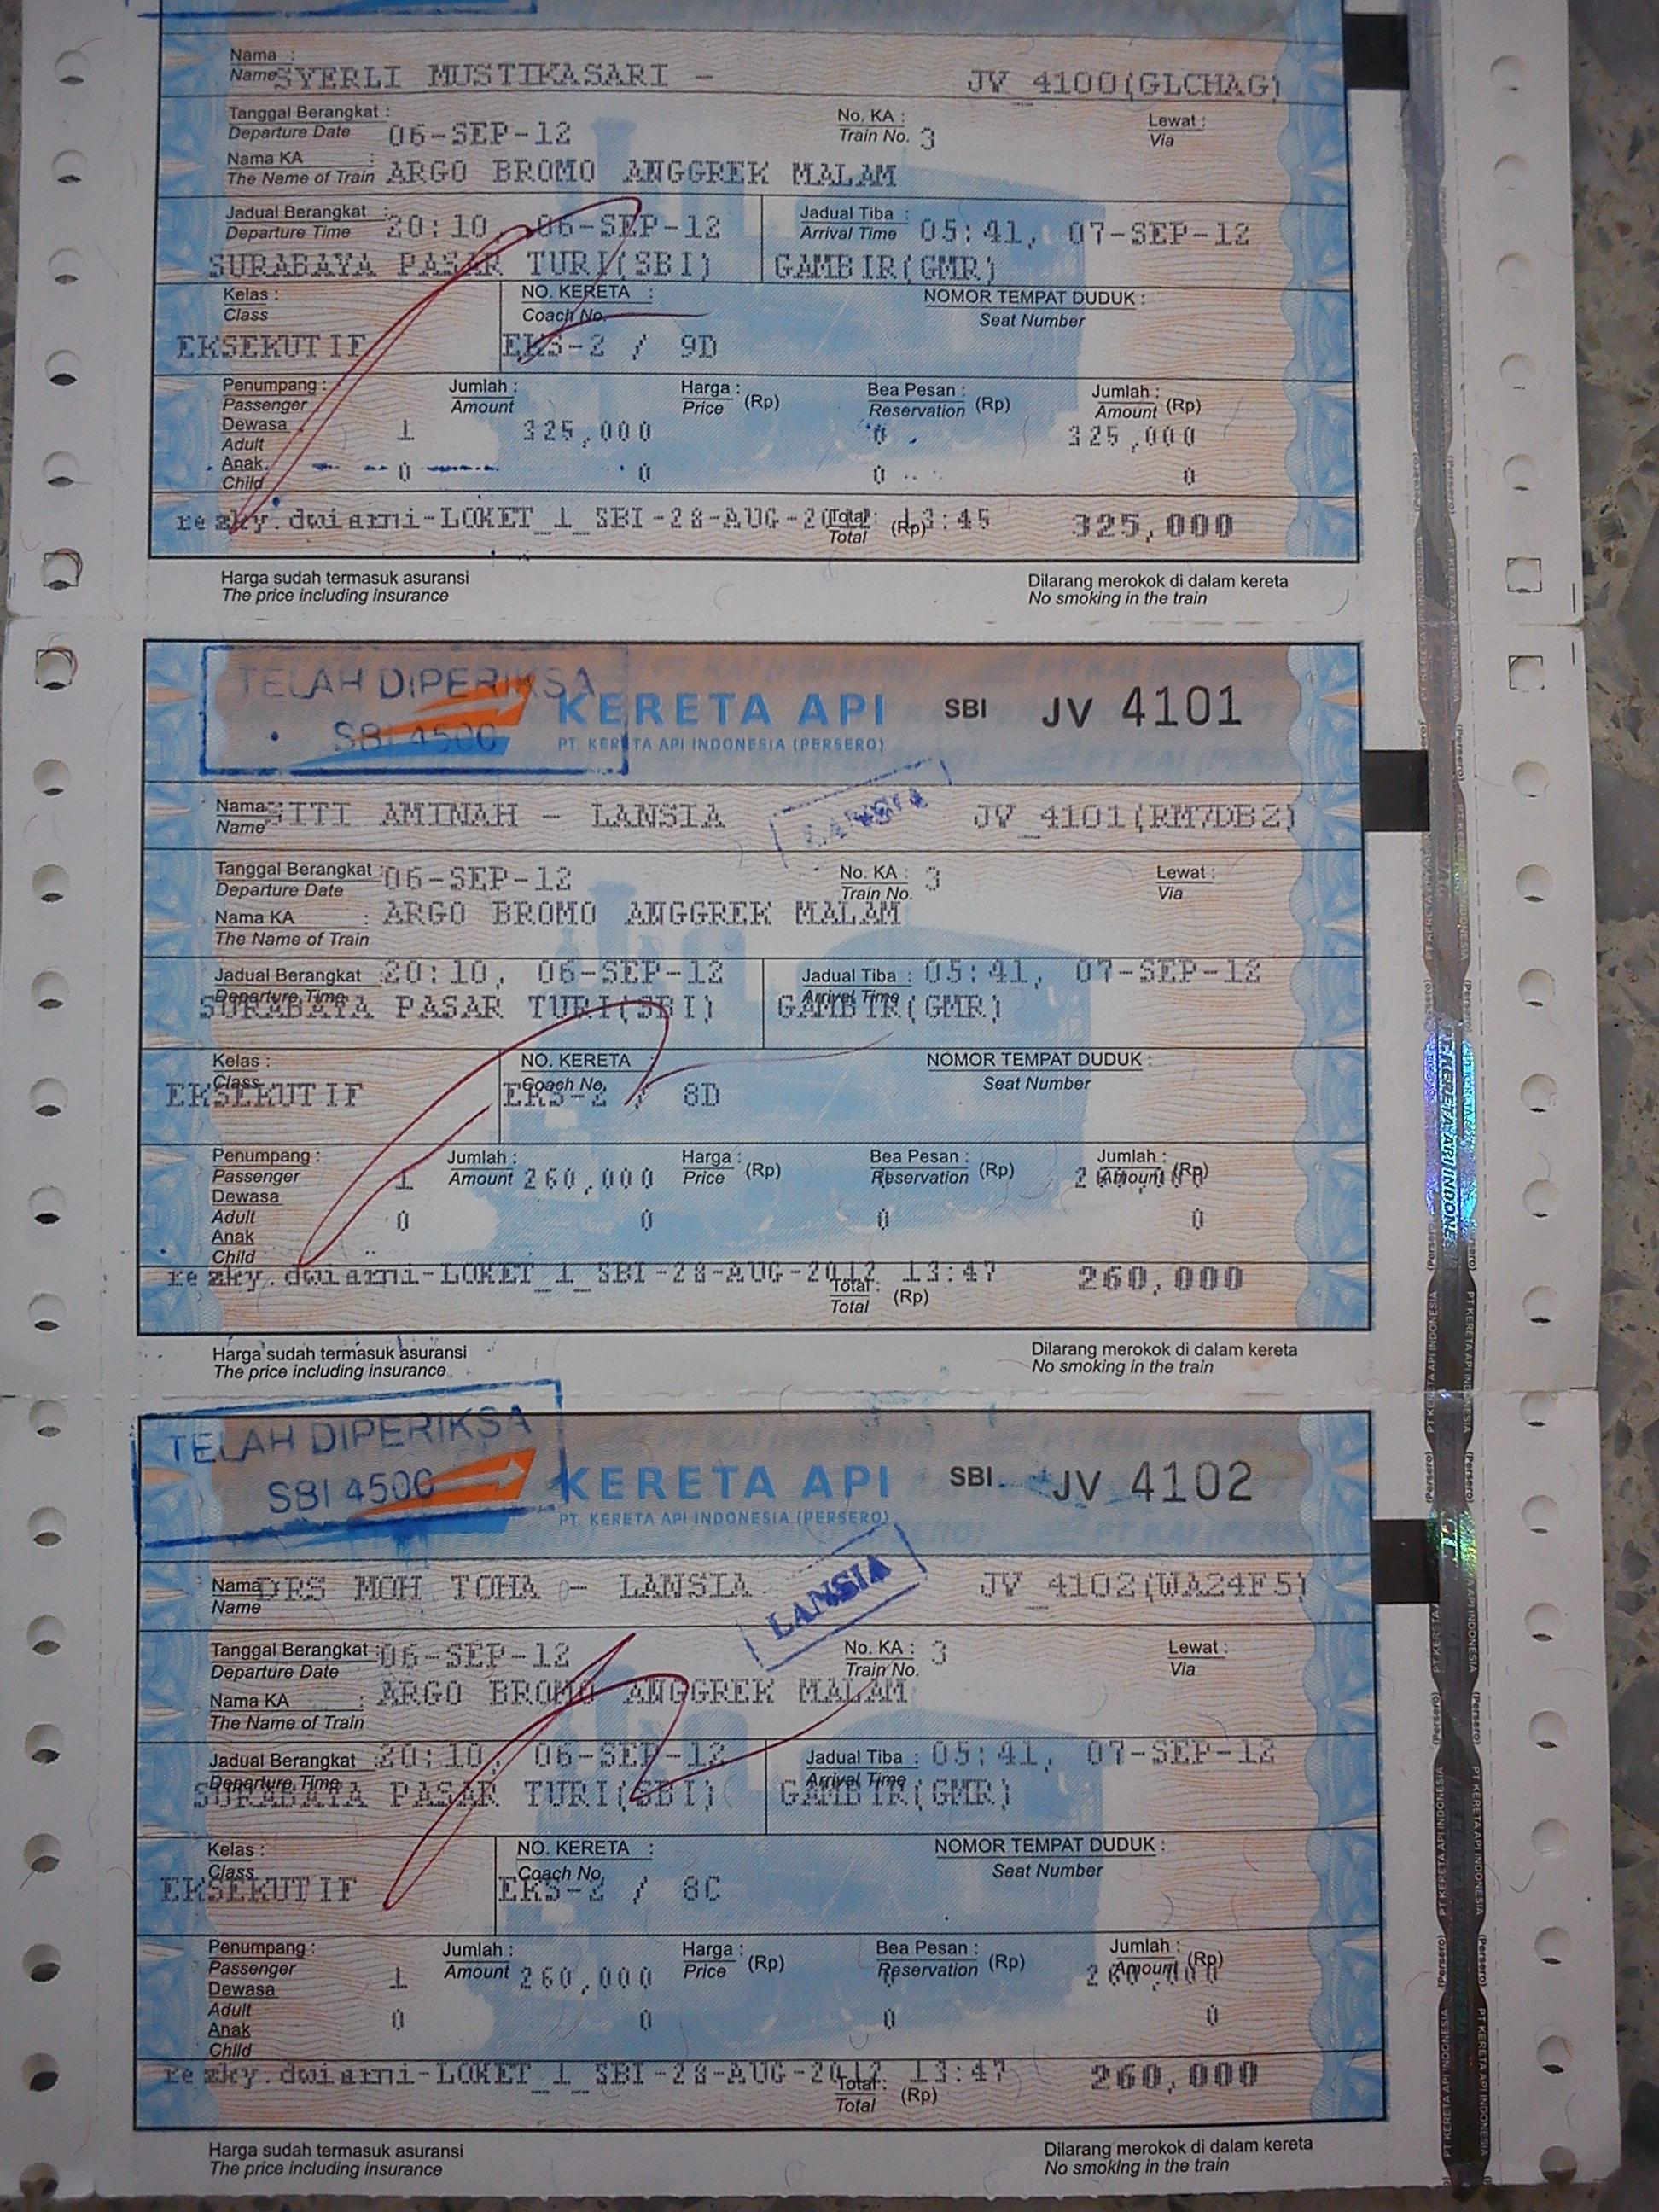 Sistem Boarding Pass Di Pt Kai Oleh Nurul Kartikaningsih